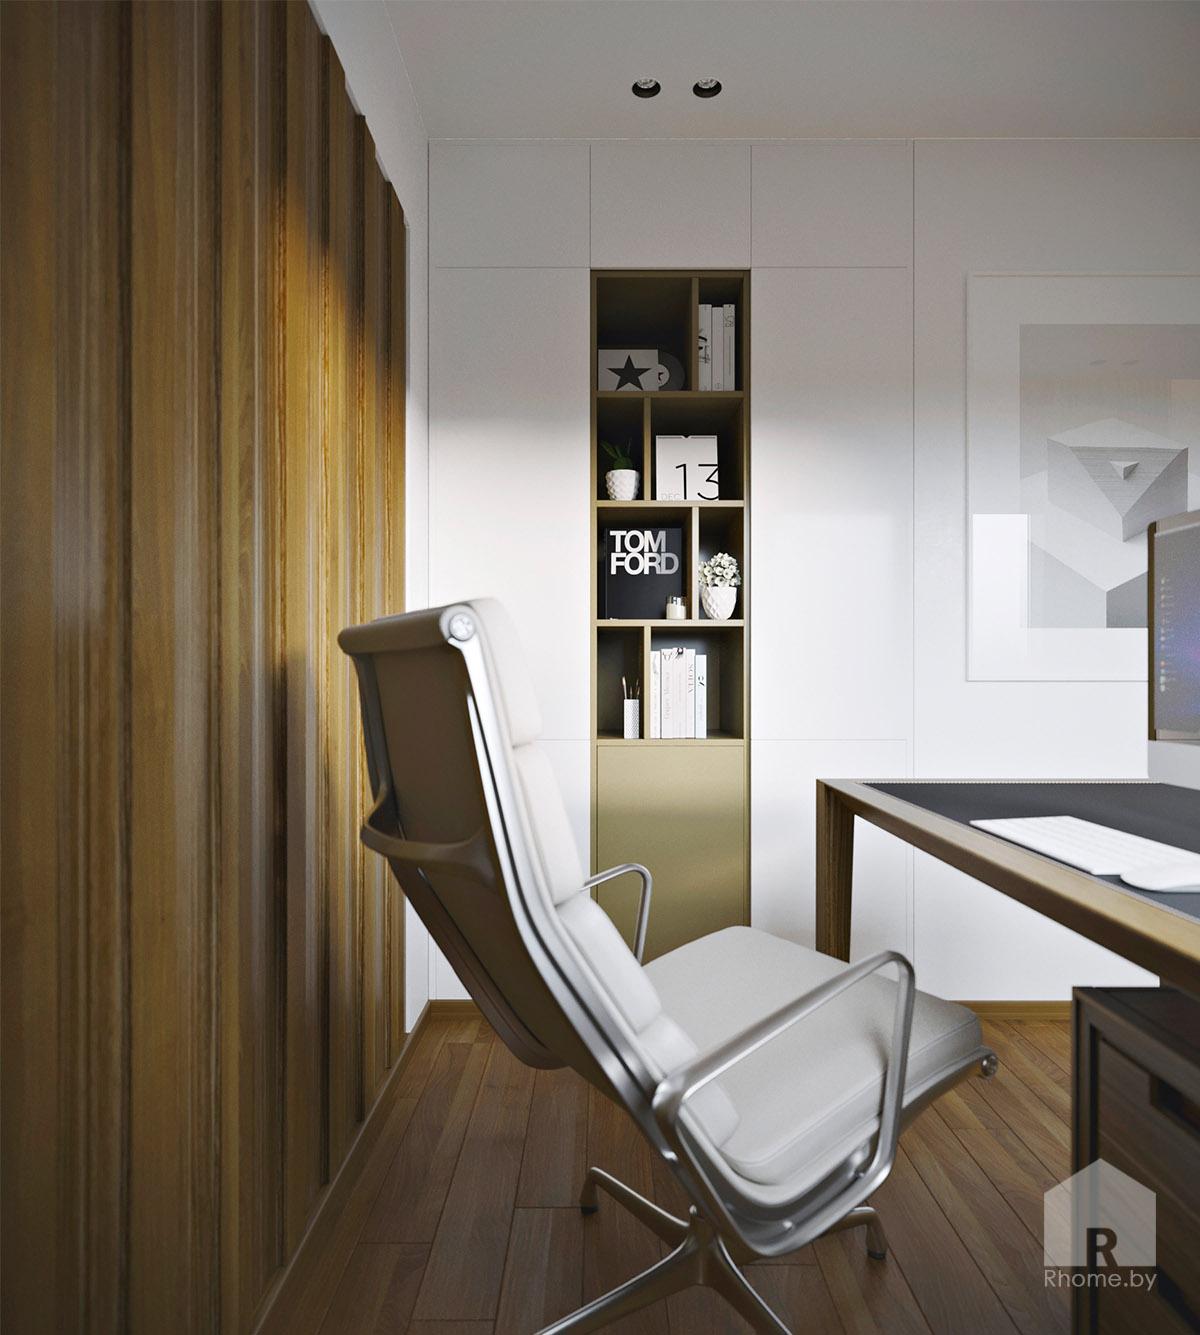 Дизайн интерьера кабинета в Березовой роще   Дизайн студия – Rhome.by